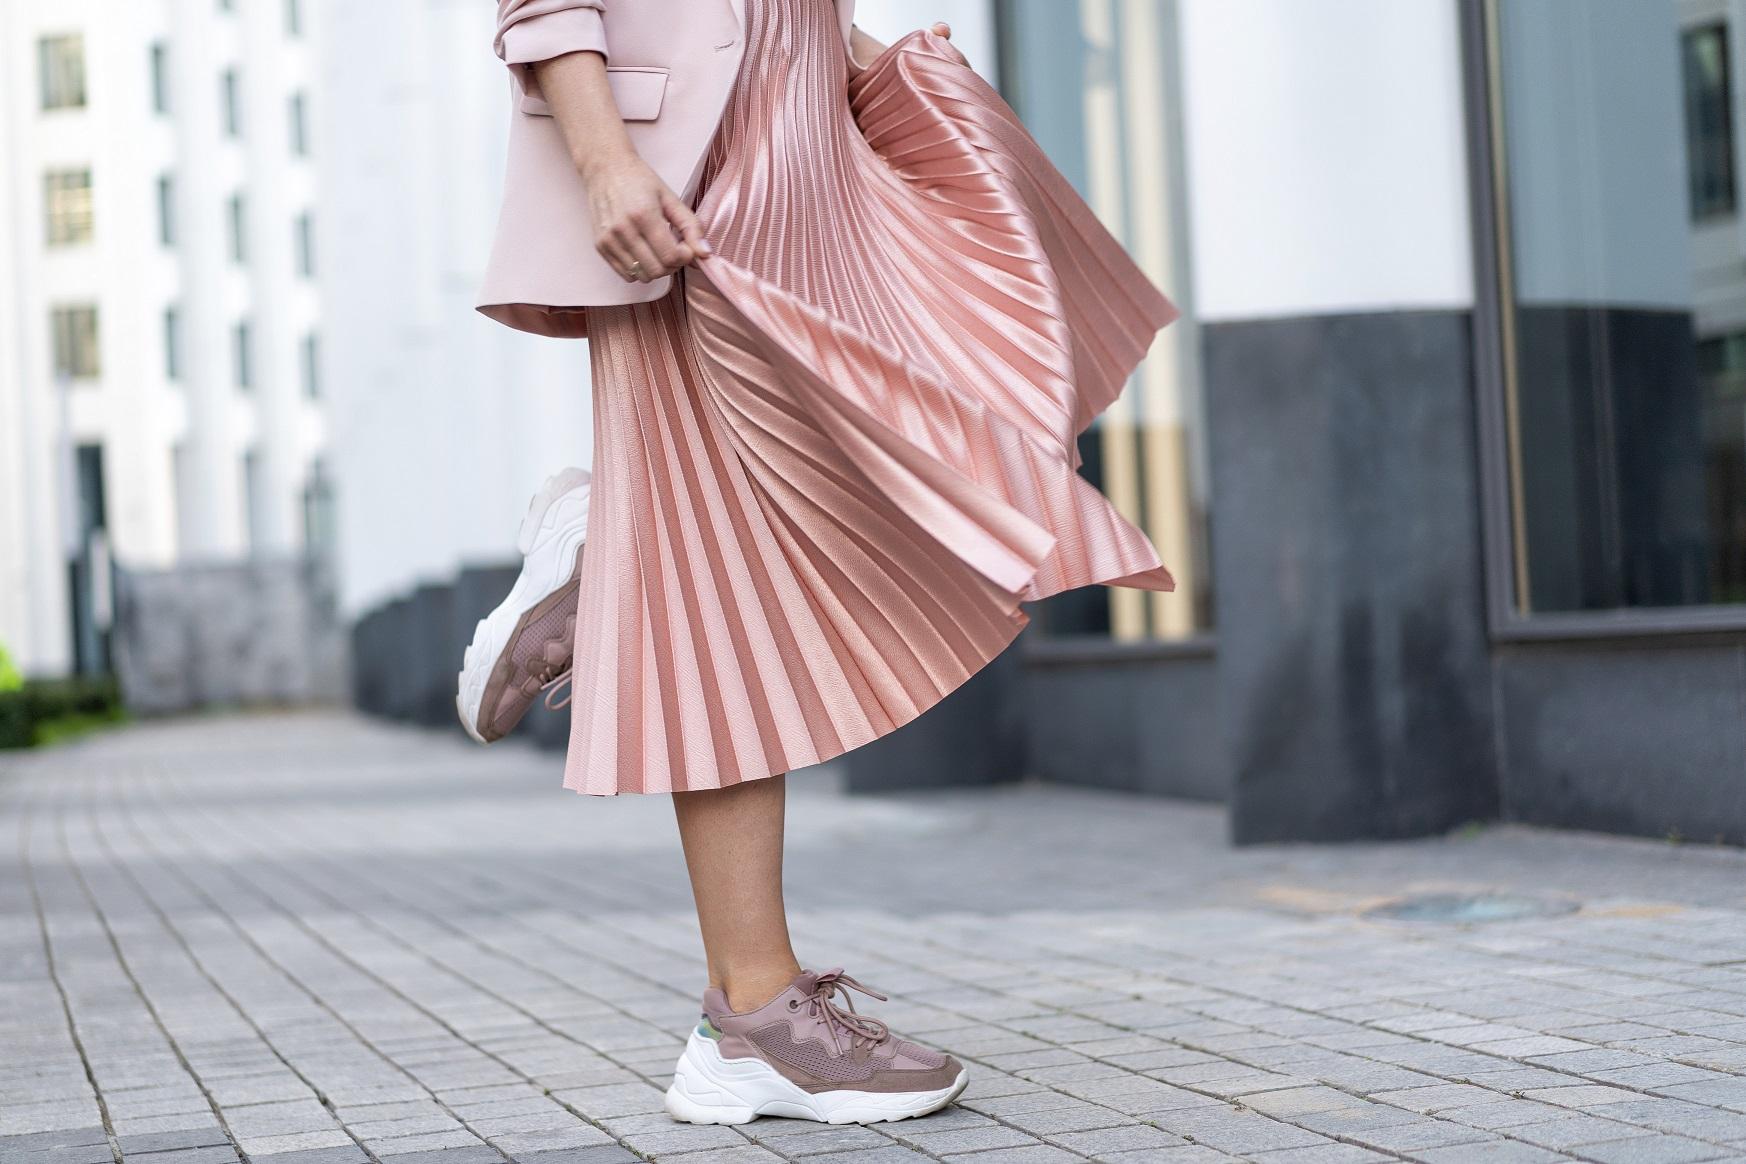 Jakie sneakersy wybrać do sukienki lub spódnicy?